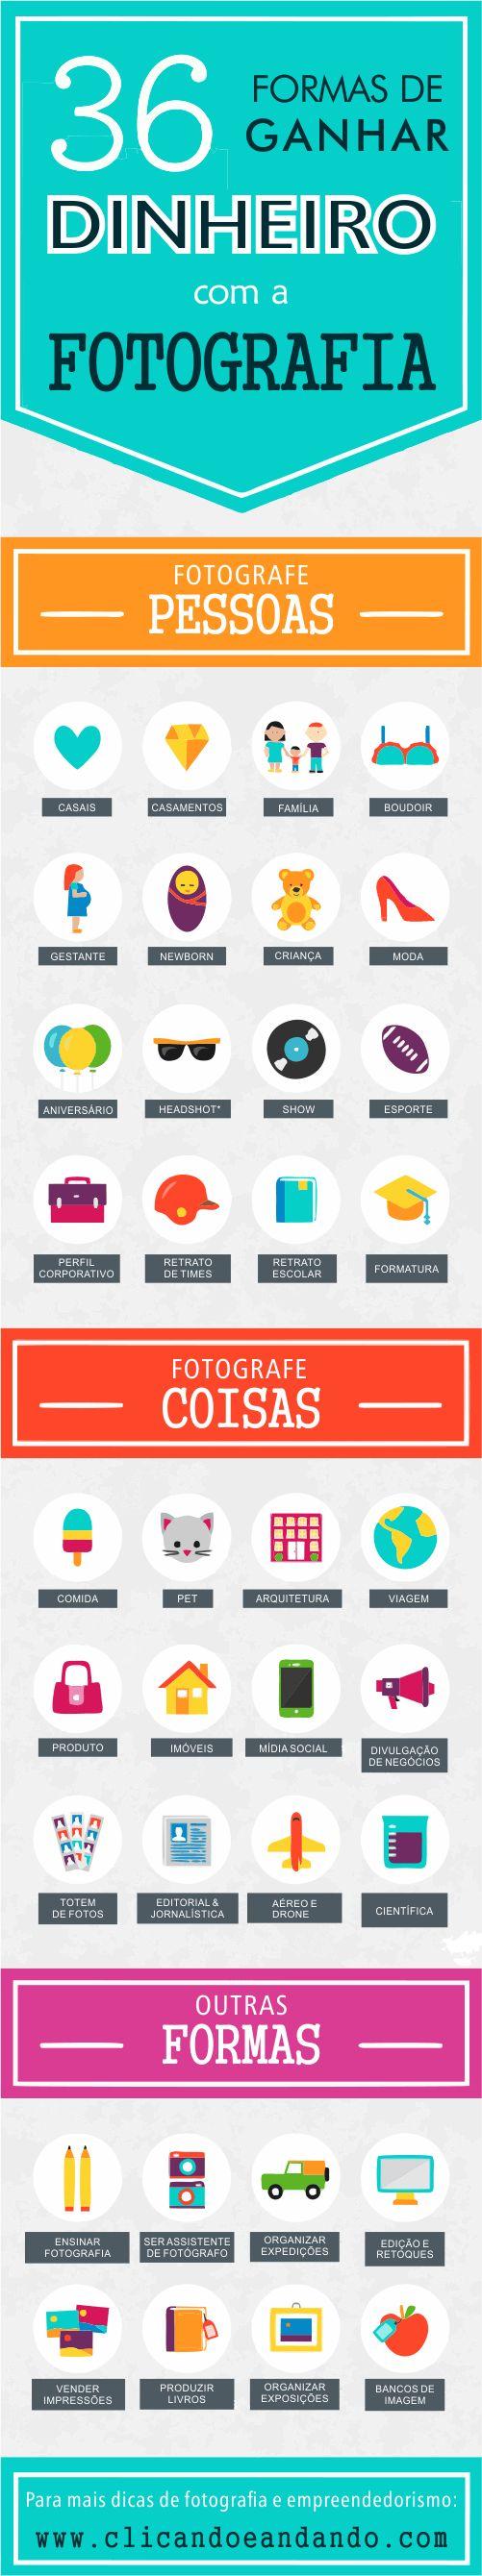 Infográfico - 36 formas de ganhar dinheiro com a fotografia - S